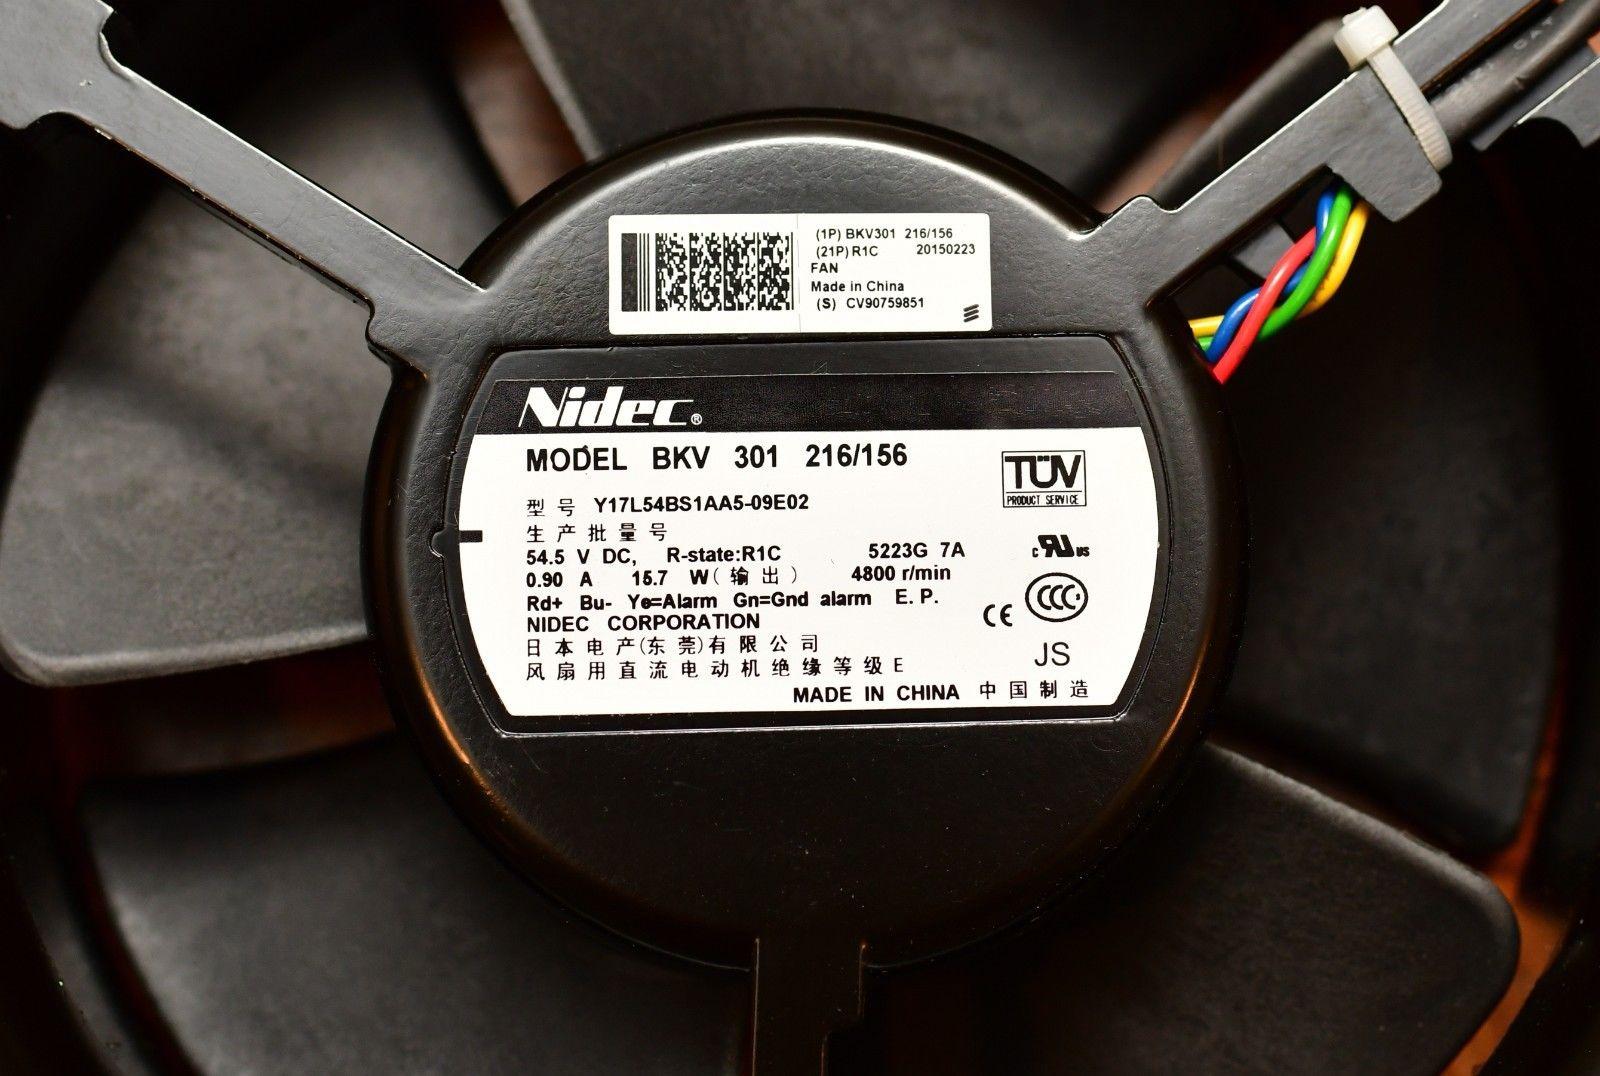 Nidec Общественный 301 216/156 Y17L54BS1AA5-09E02 4800 вентилятор RPM 54.5V DC